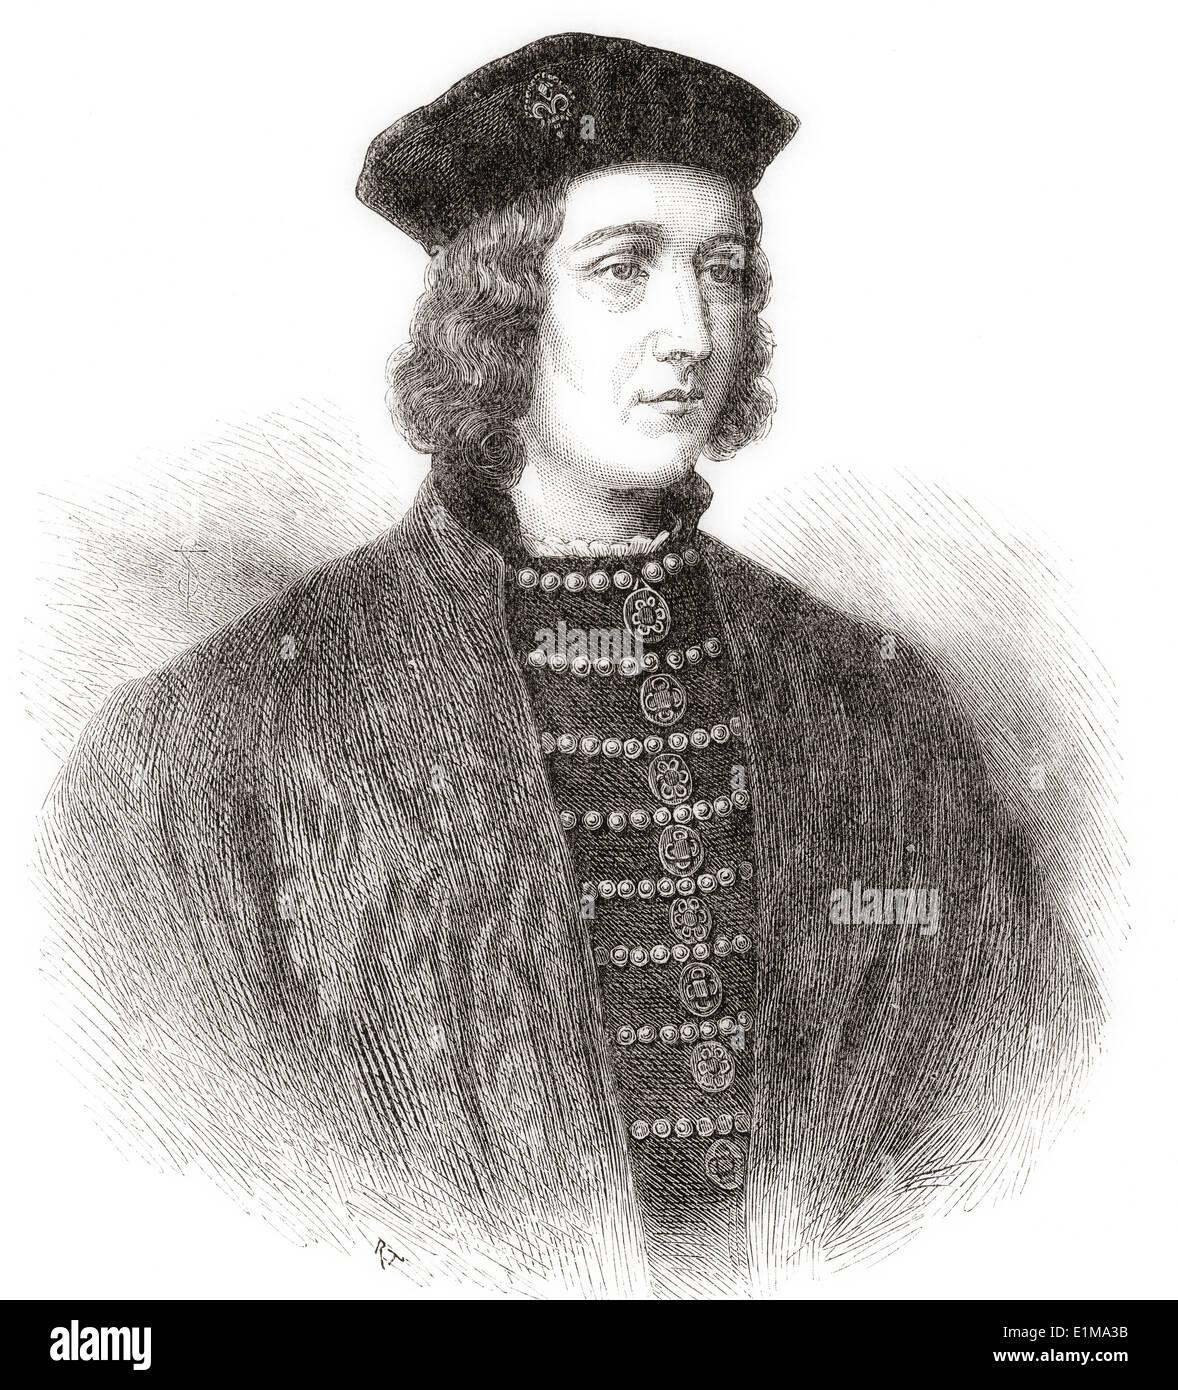 Edward IV, 1442 – 1483. King of England. - Stock Image